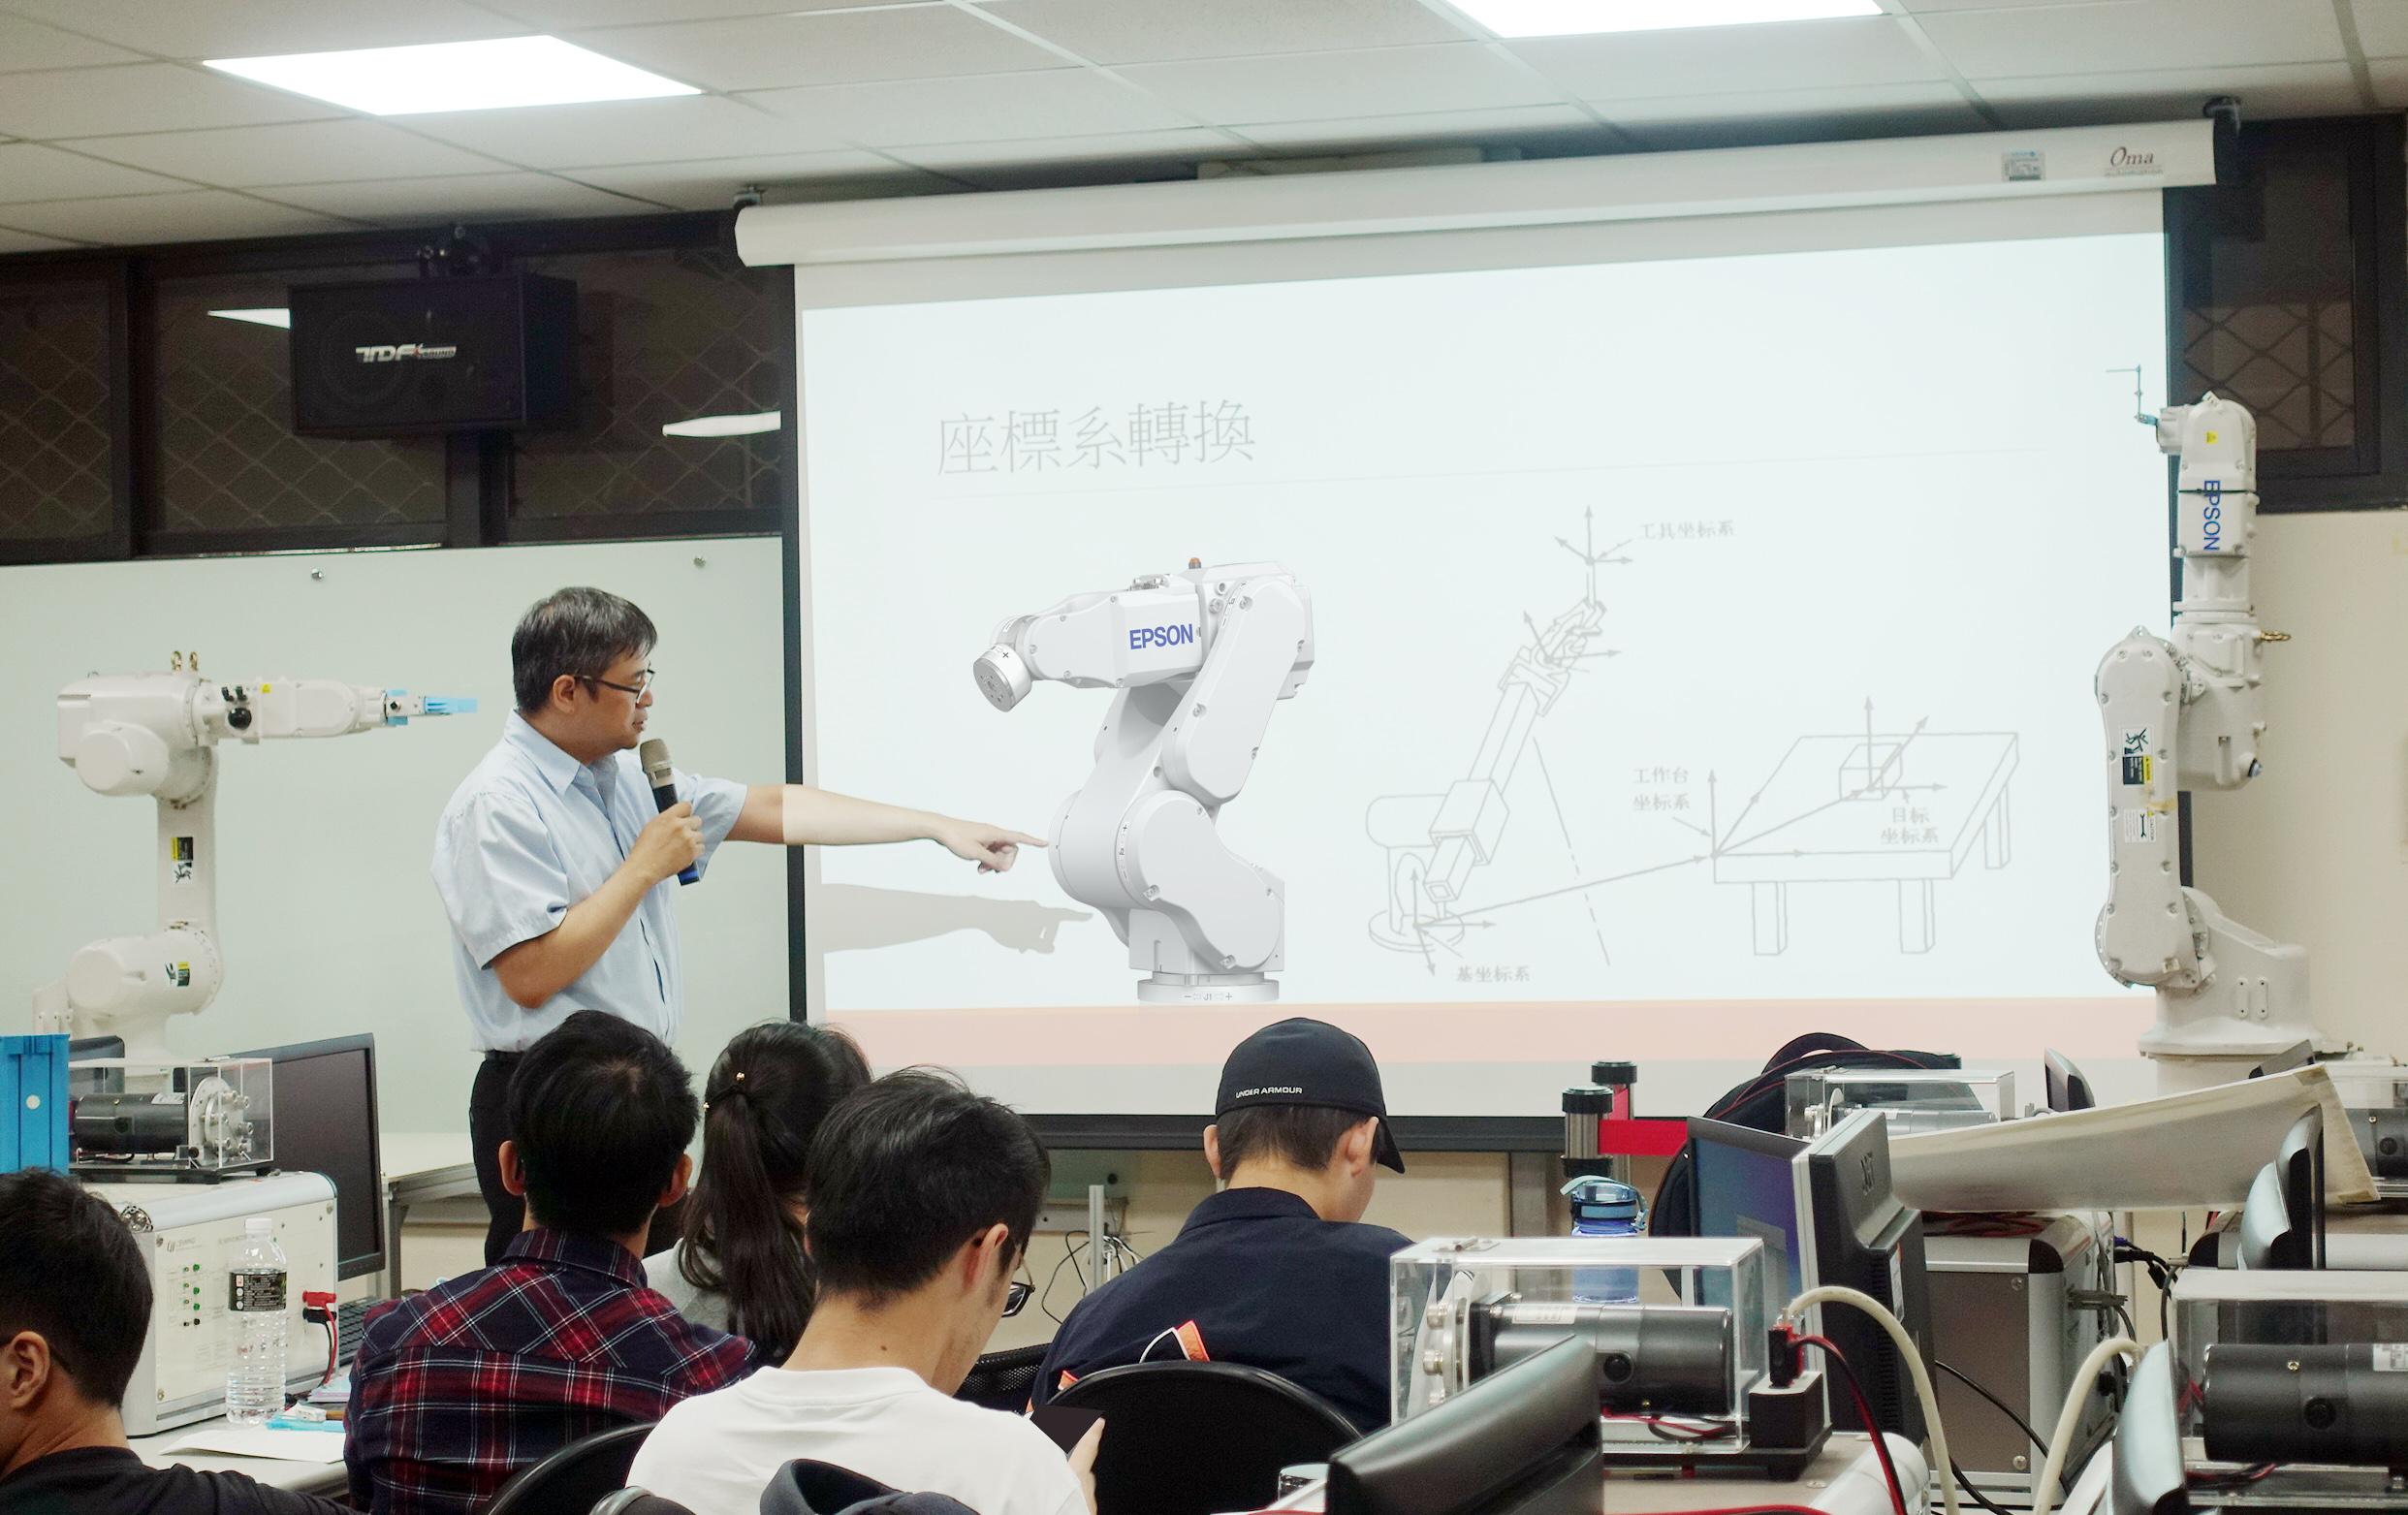 中原大學EPSON產學合作計畫由業師與校內老師工同指導專業課程.JPG